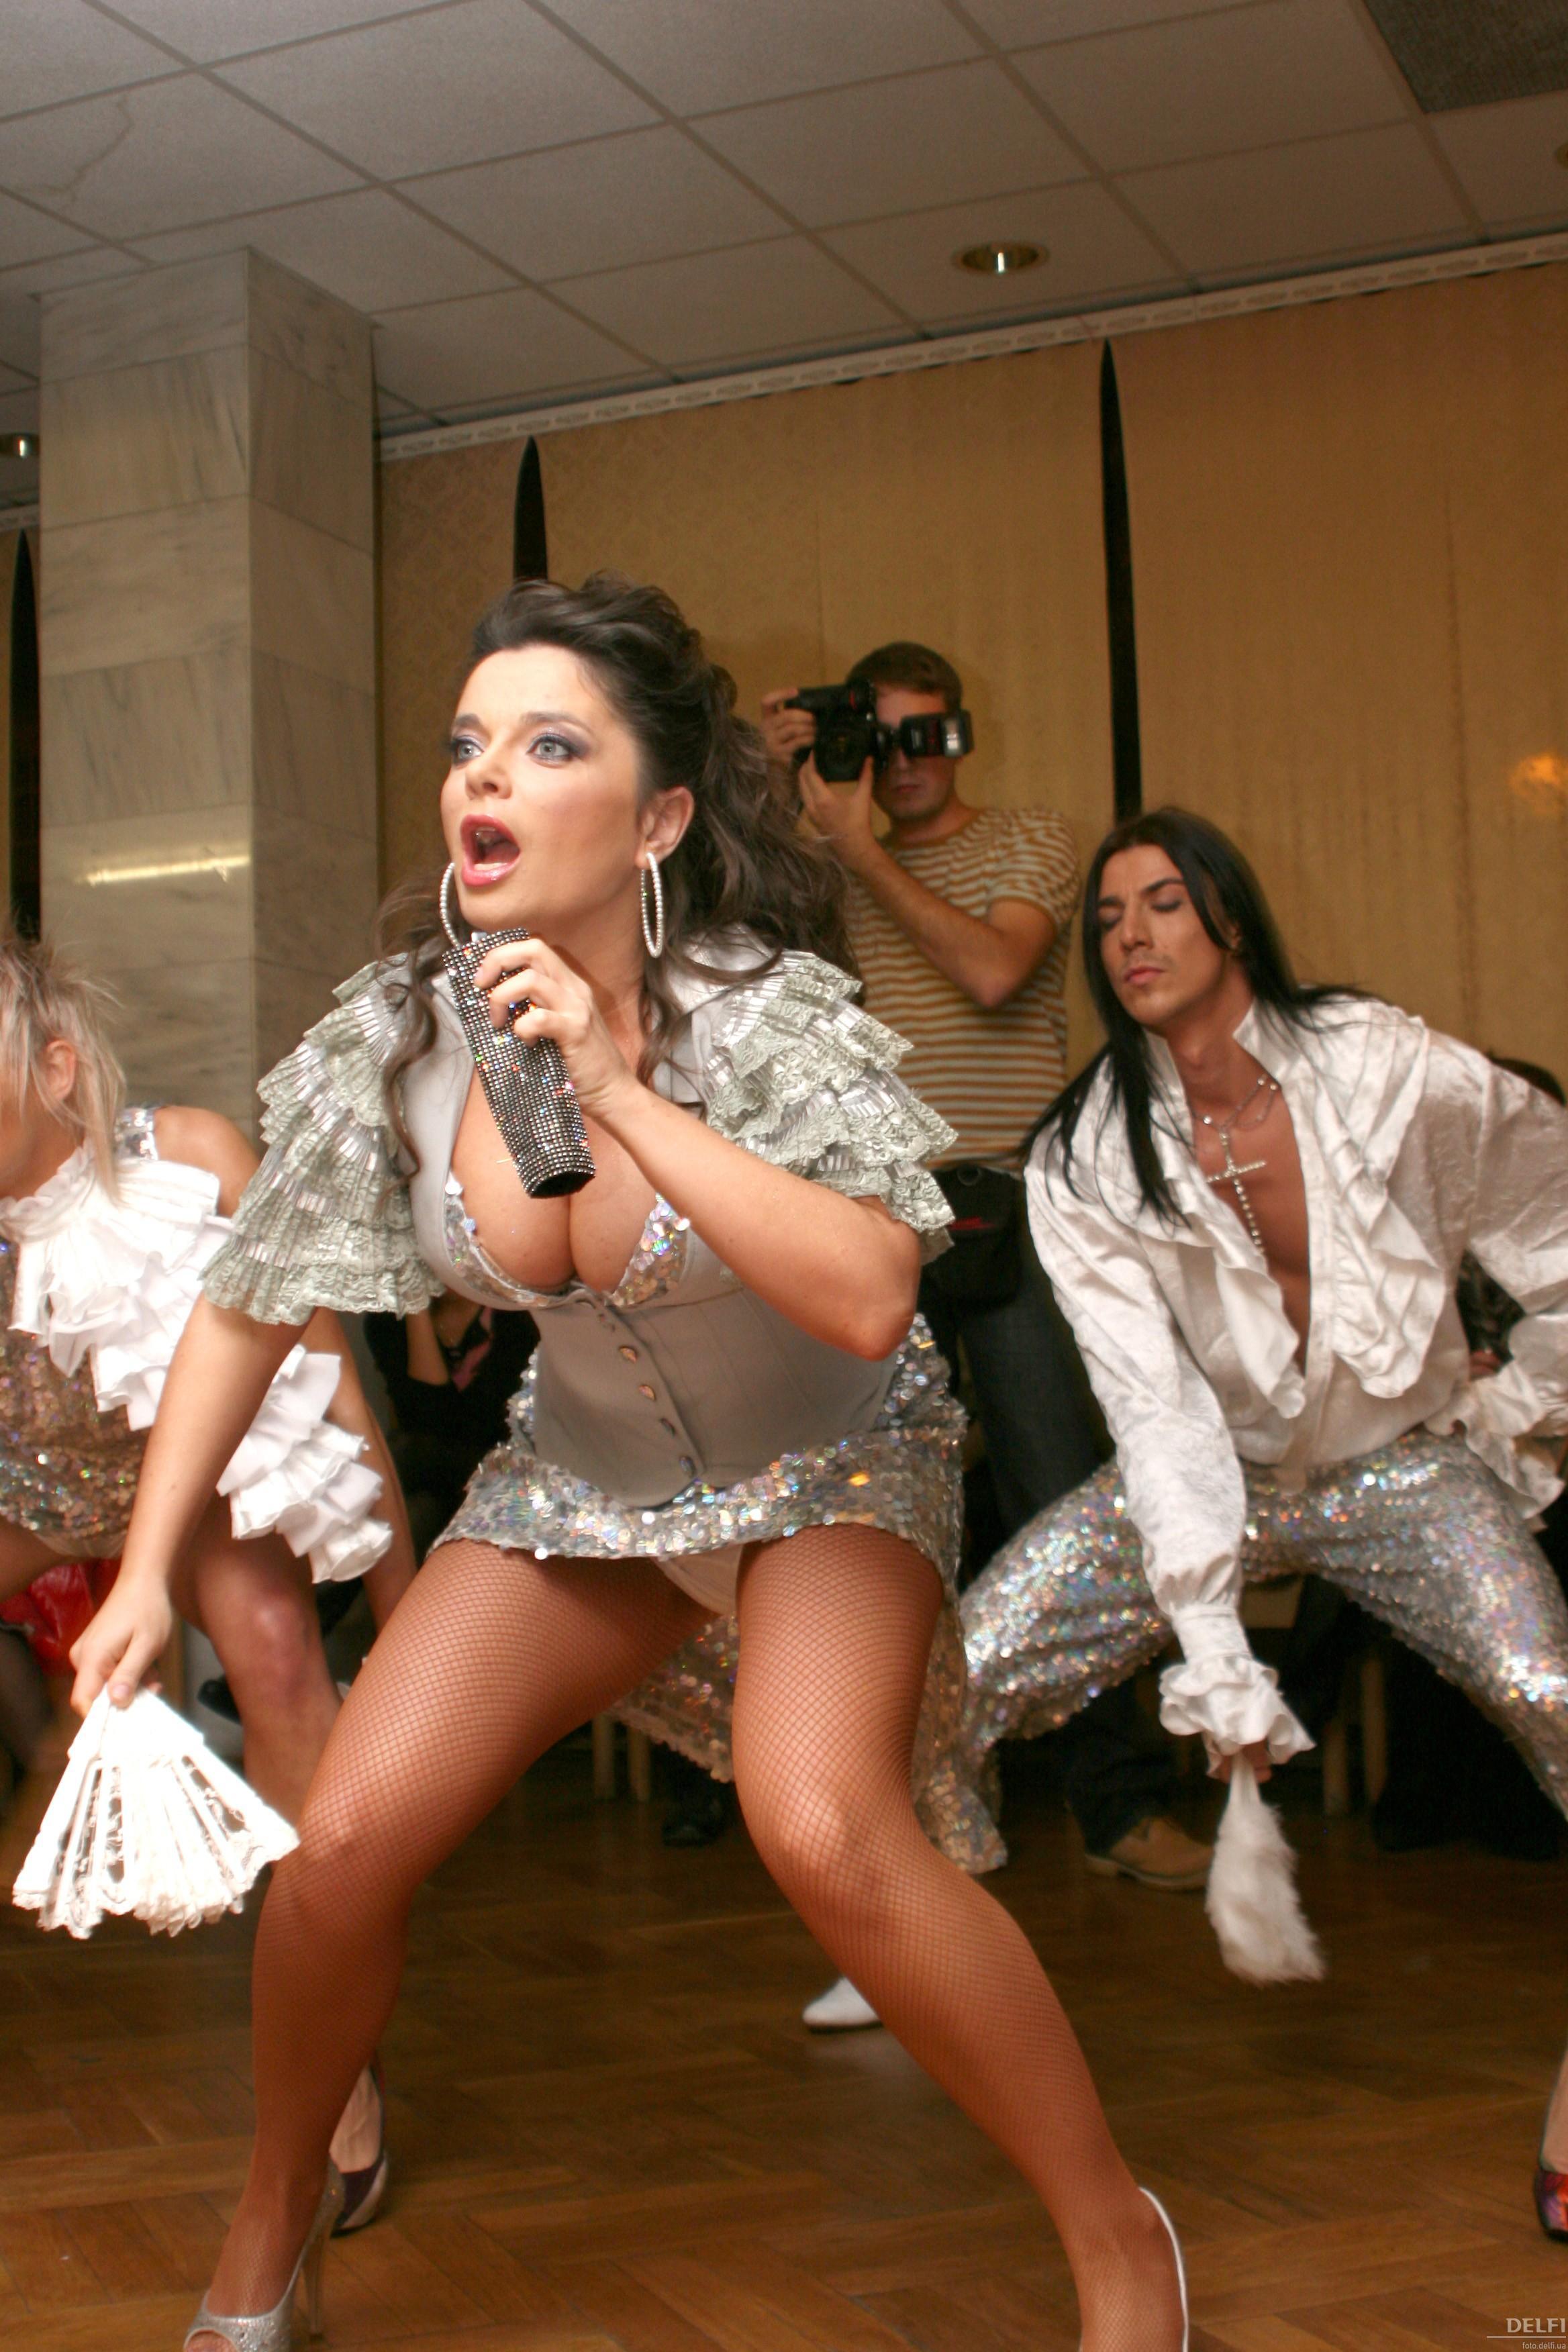 Танец без трусов порно — pic 14